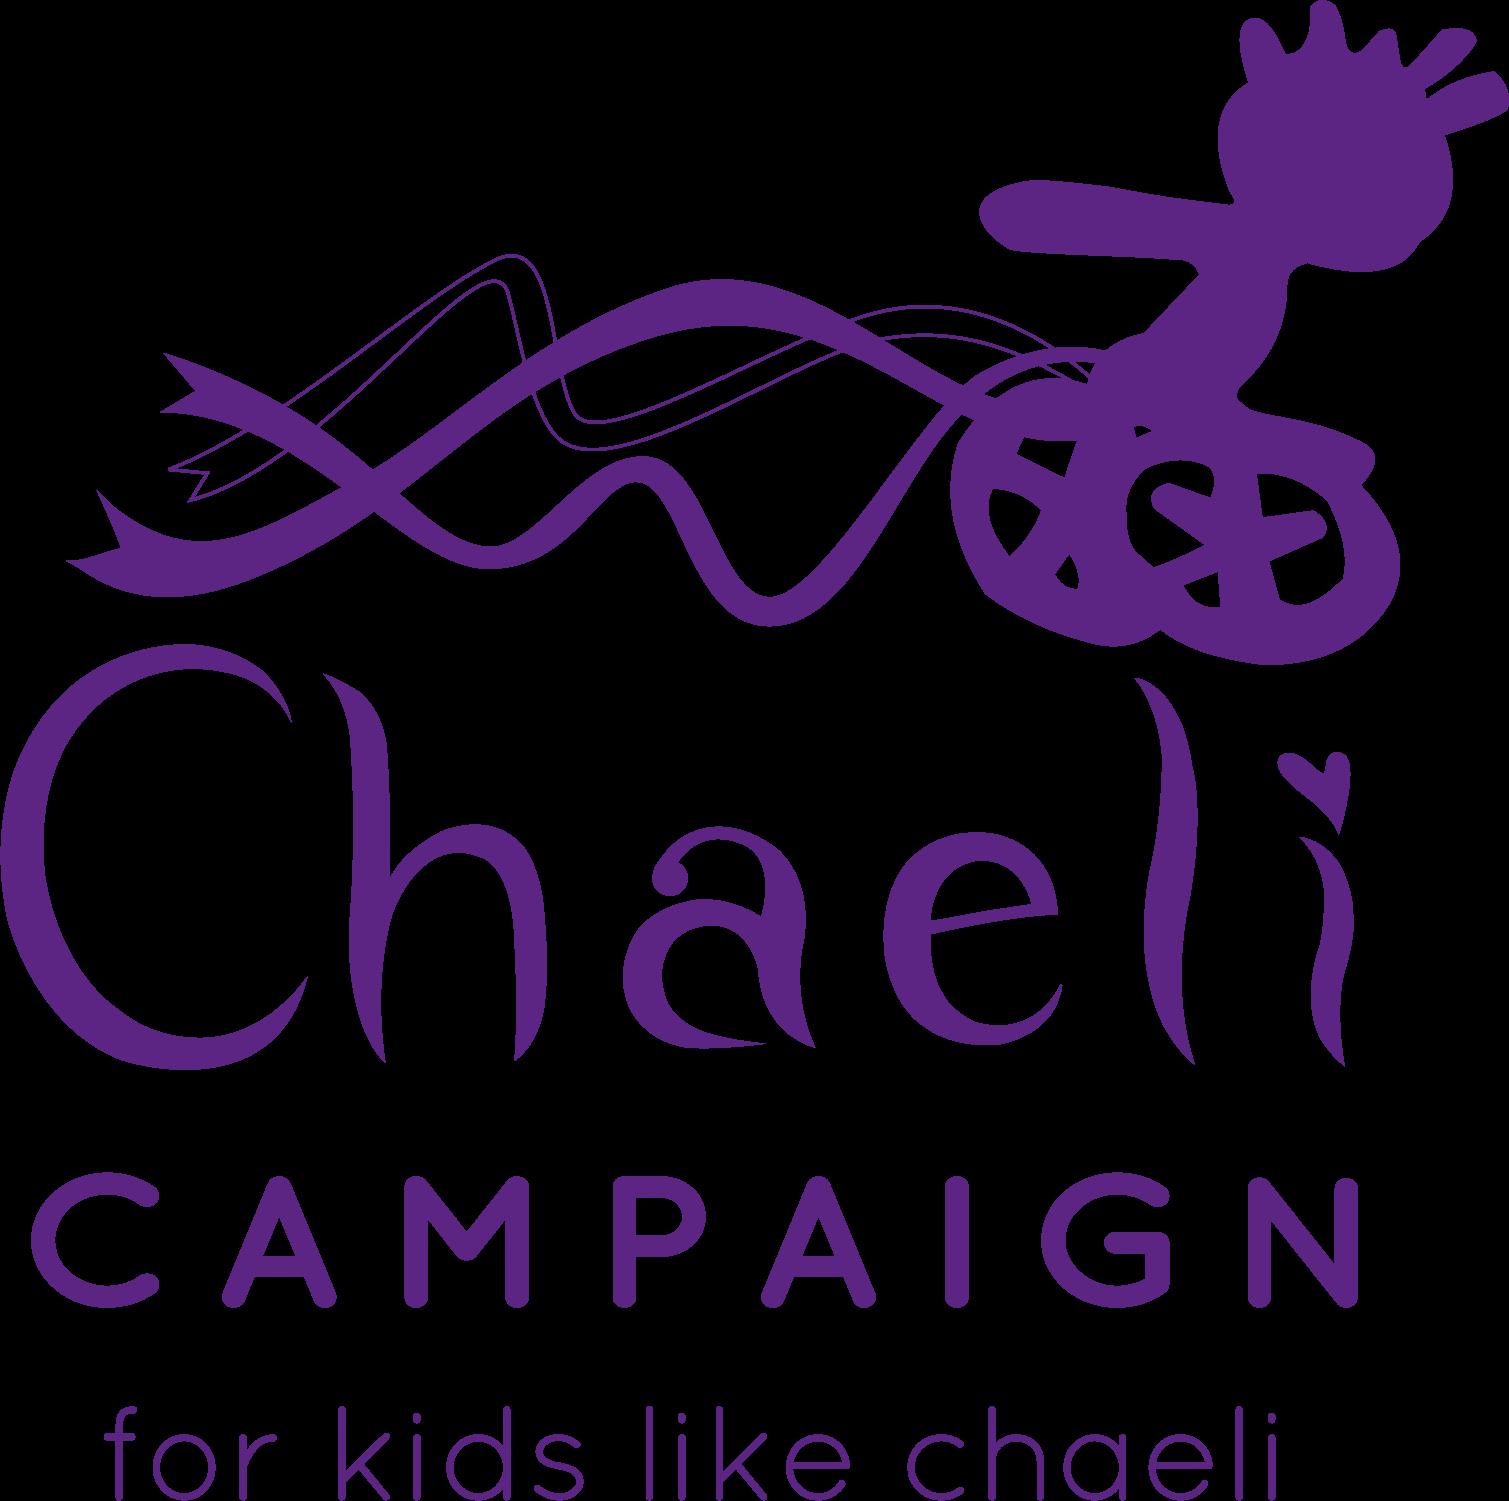 Chaeli Campaign